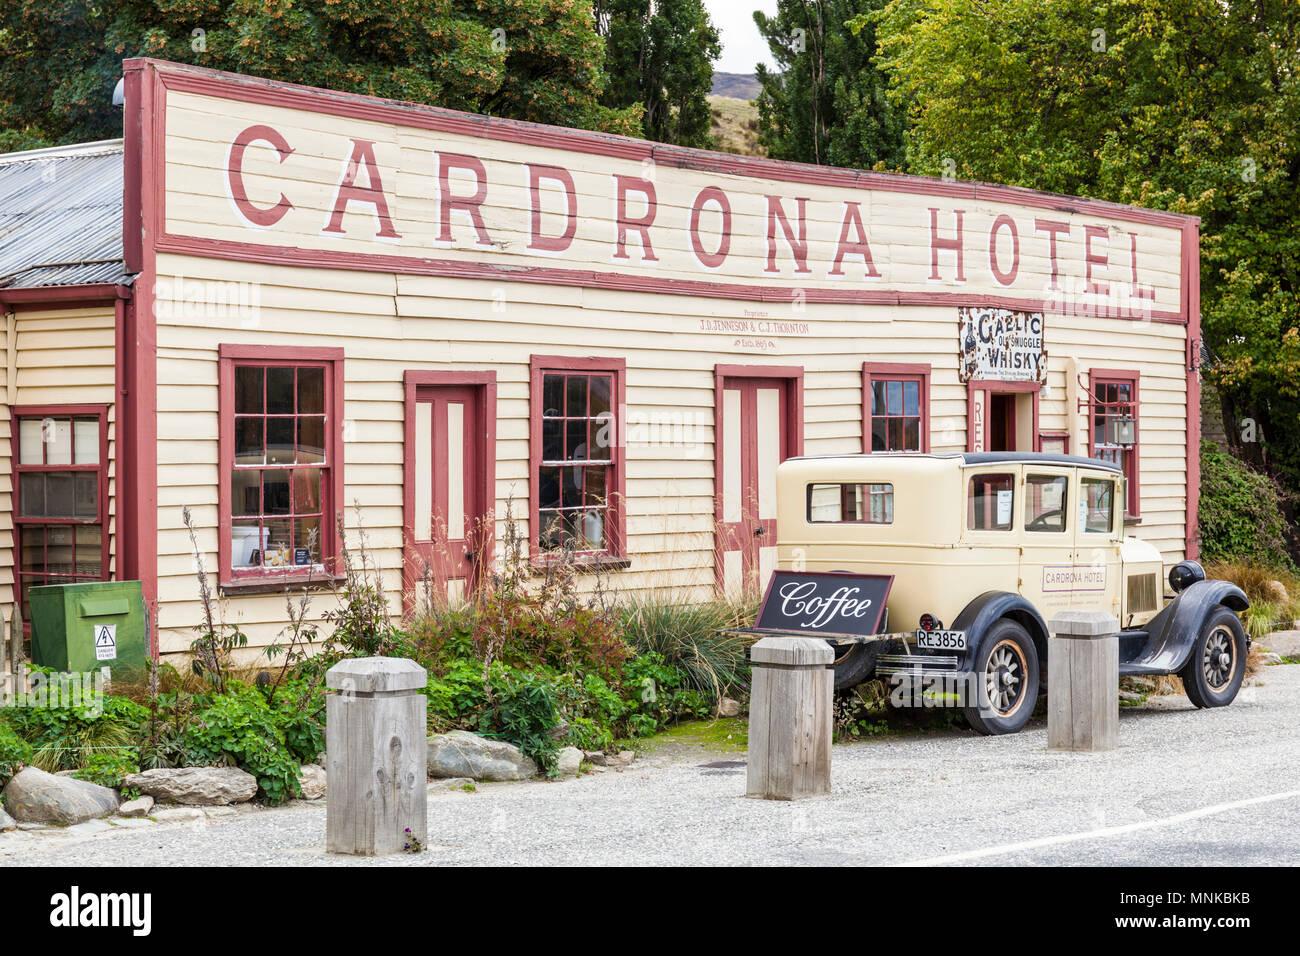 La nouvelle zelande cardrona hotel dans une ancienne ville goldrush Couronne Range Road cardrona Nouvelle-zélande Île du Sud Photo Stock